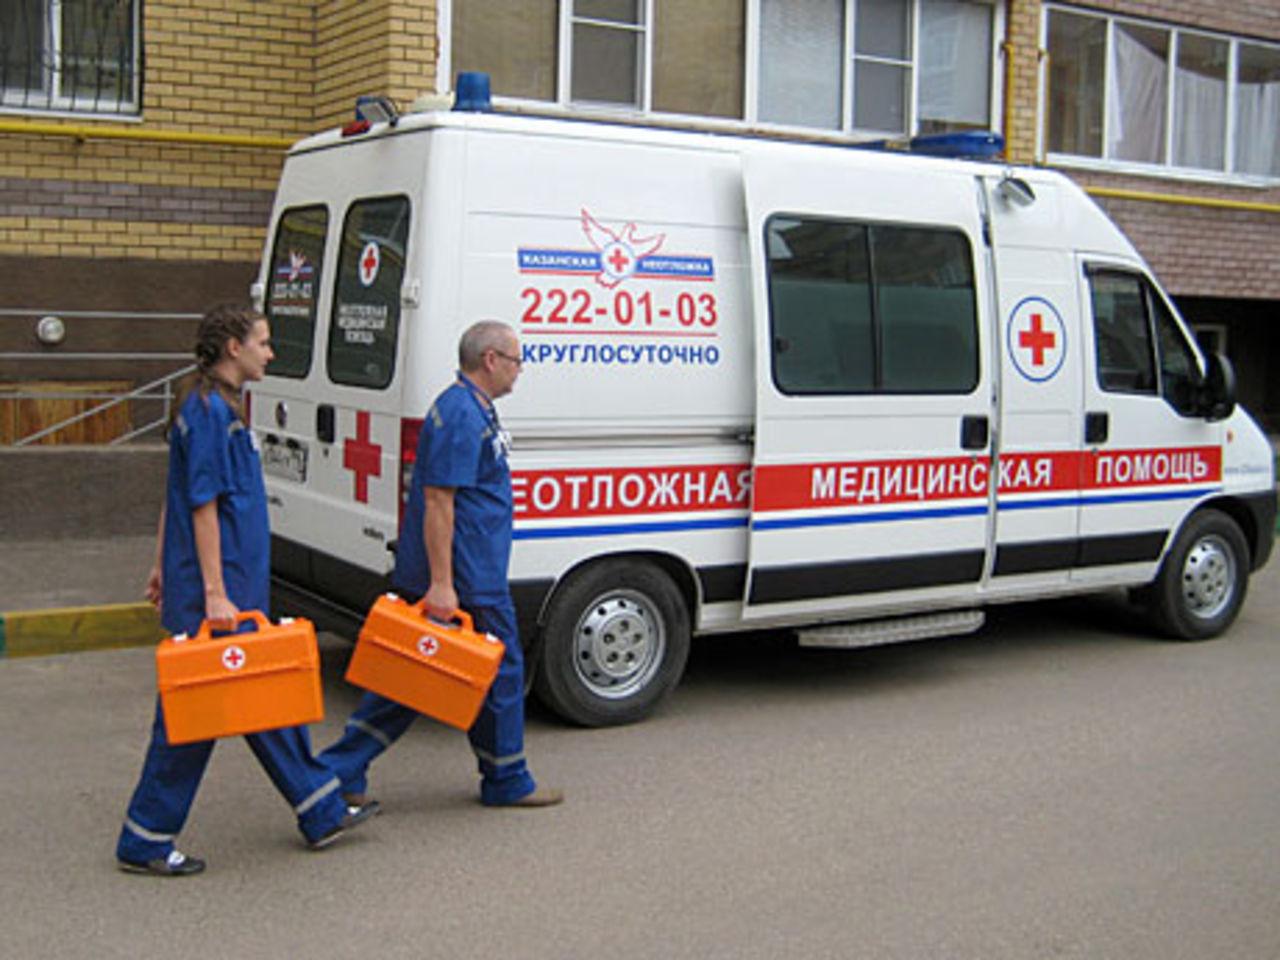 тесты для медсестер скорая и неотложная помощь